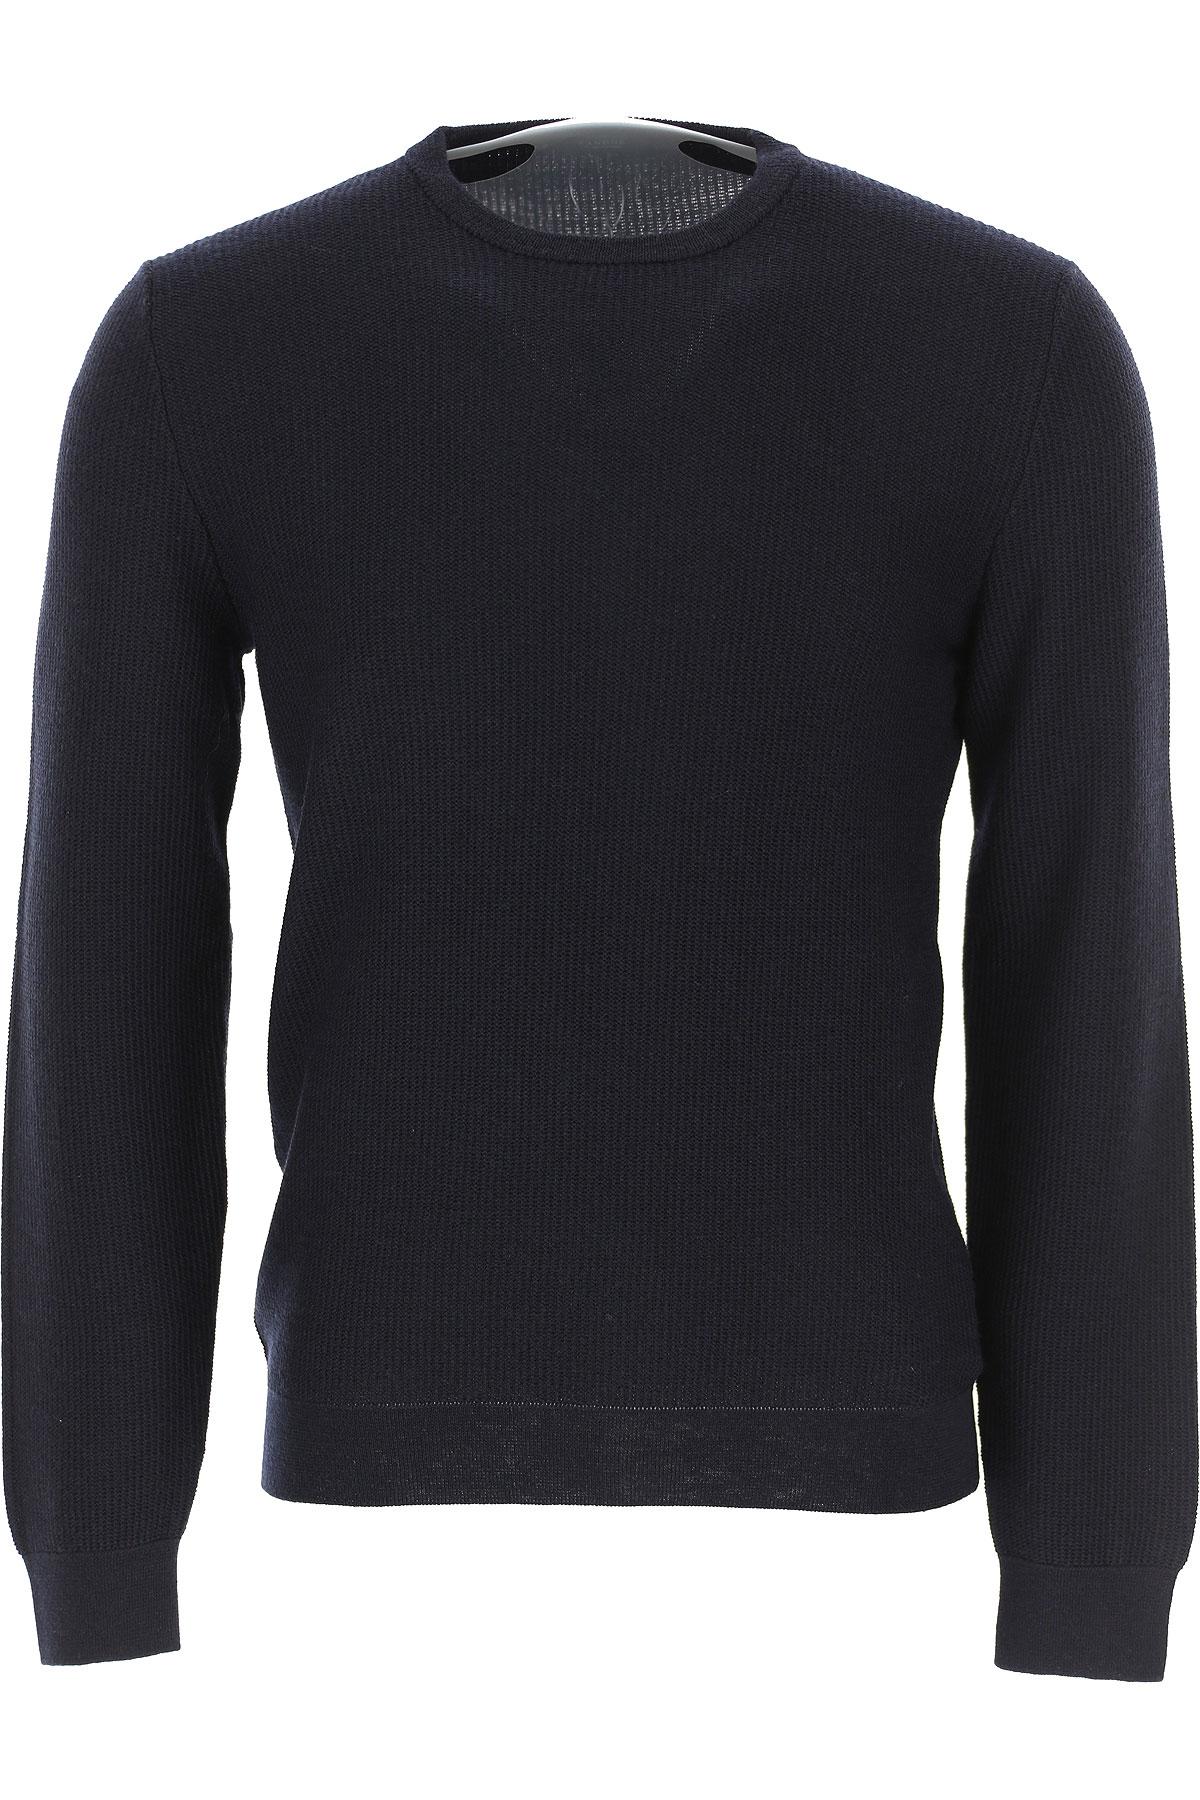 Zanone Sweater for Men Jumper On Sale, Dark Blue Navy, Virgin wool, 2019, L M S